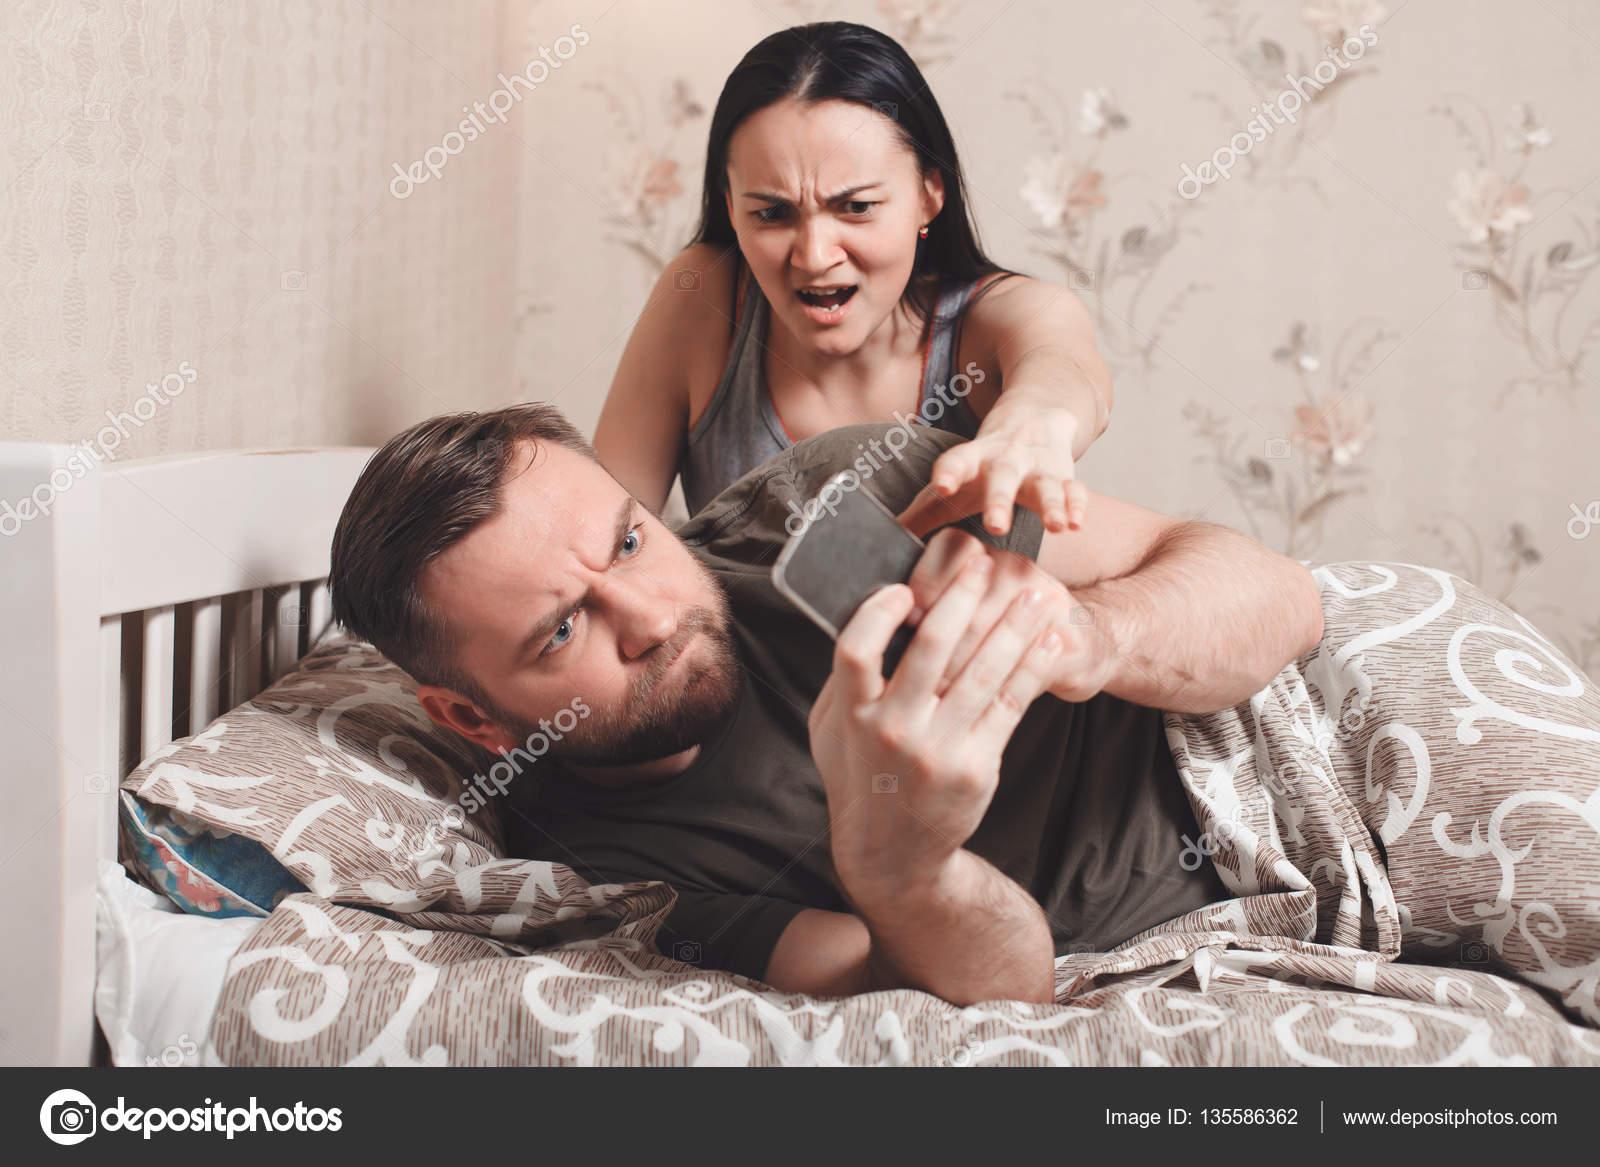 Смотреть муж и жена в постели фото 159-59